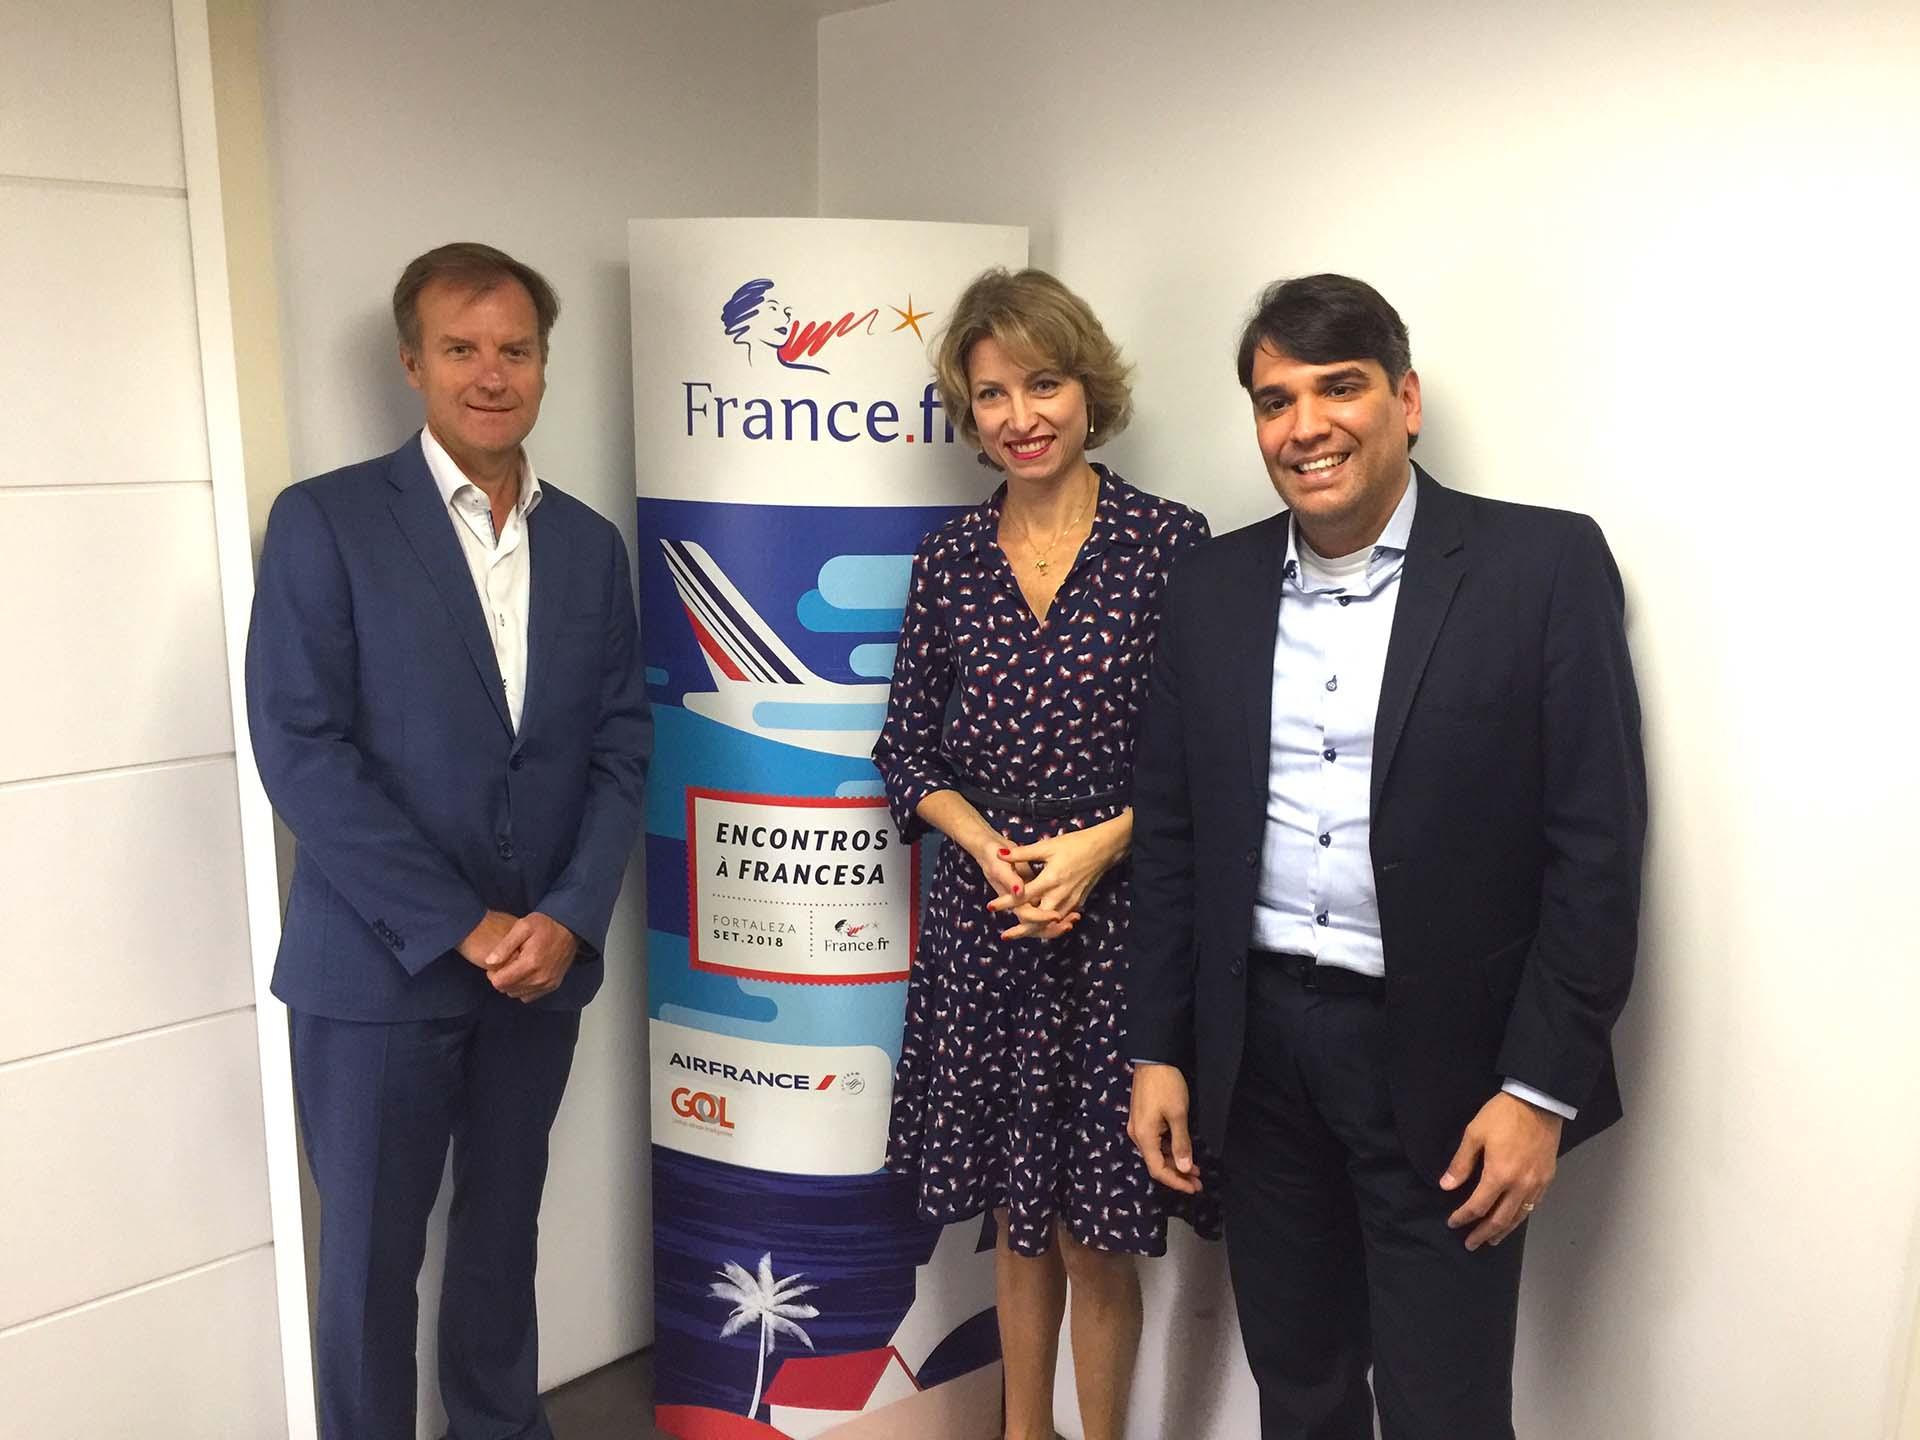 Jean-Marc Poucho, da Air France; Caroline Putnoki, da Atout France, e Marcos Almeida, da GOL, no lançamento do Encontros à Francesa